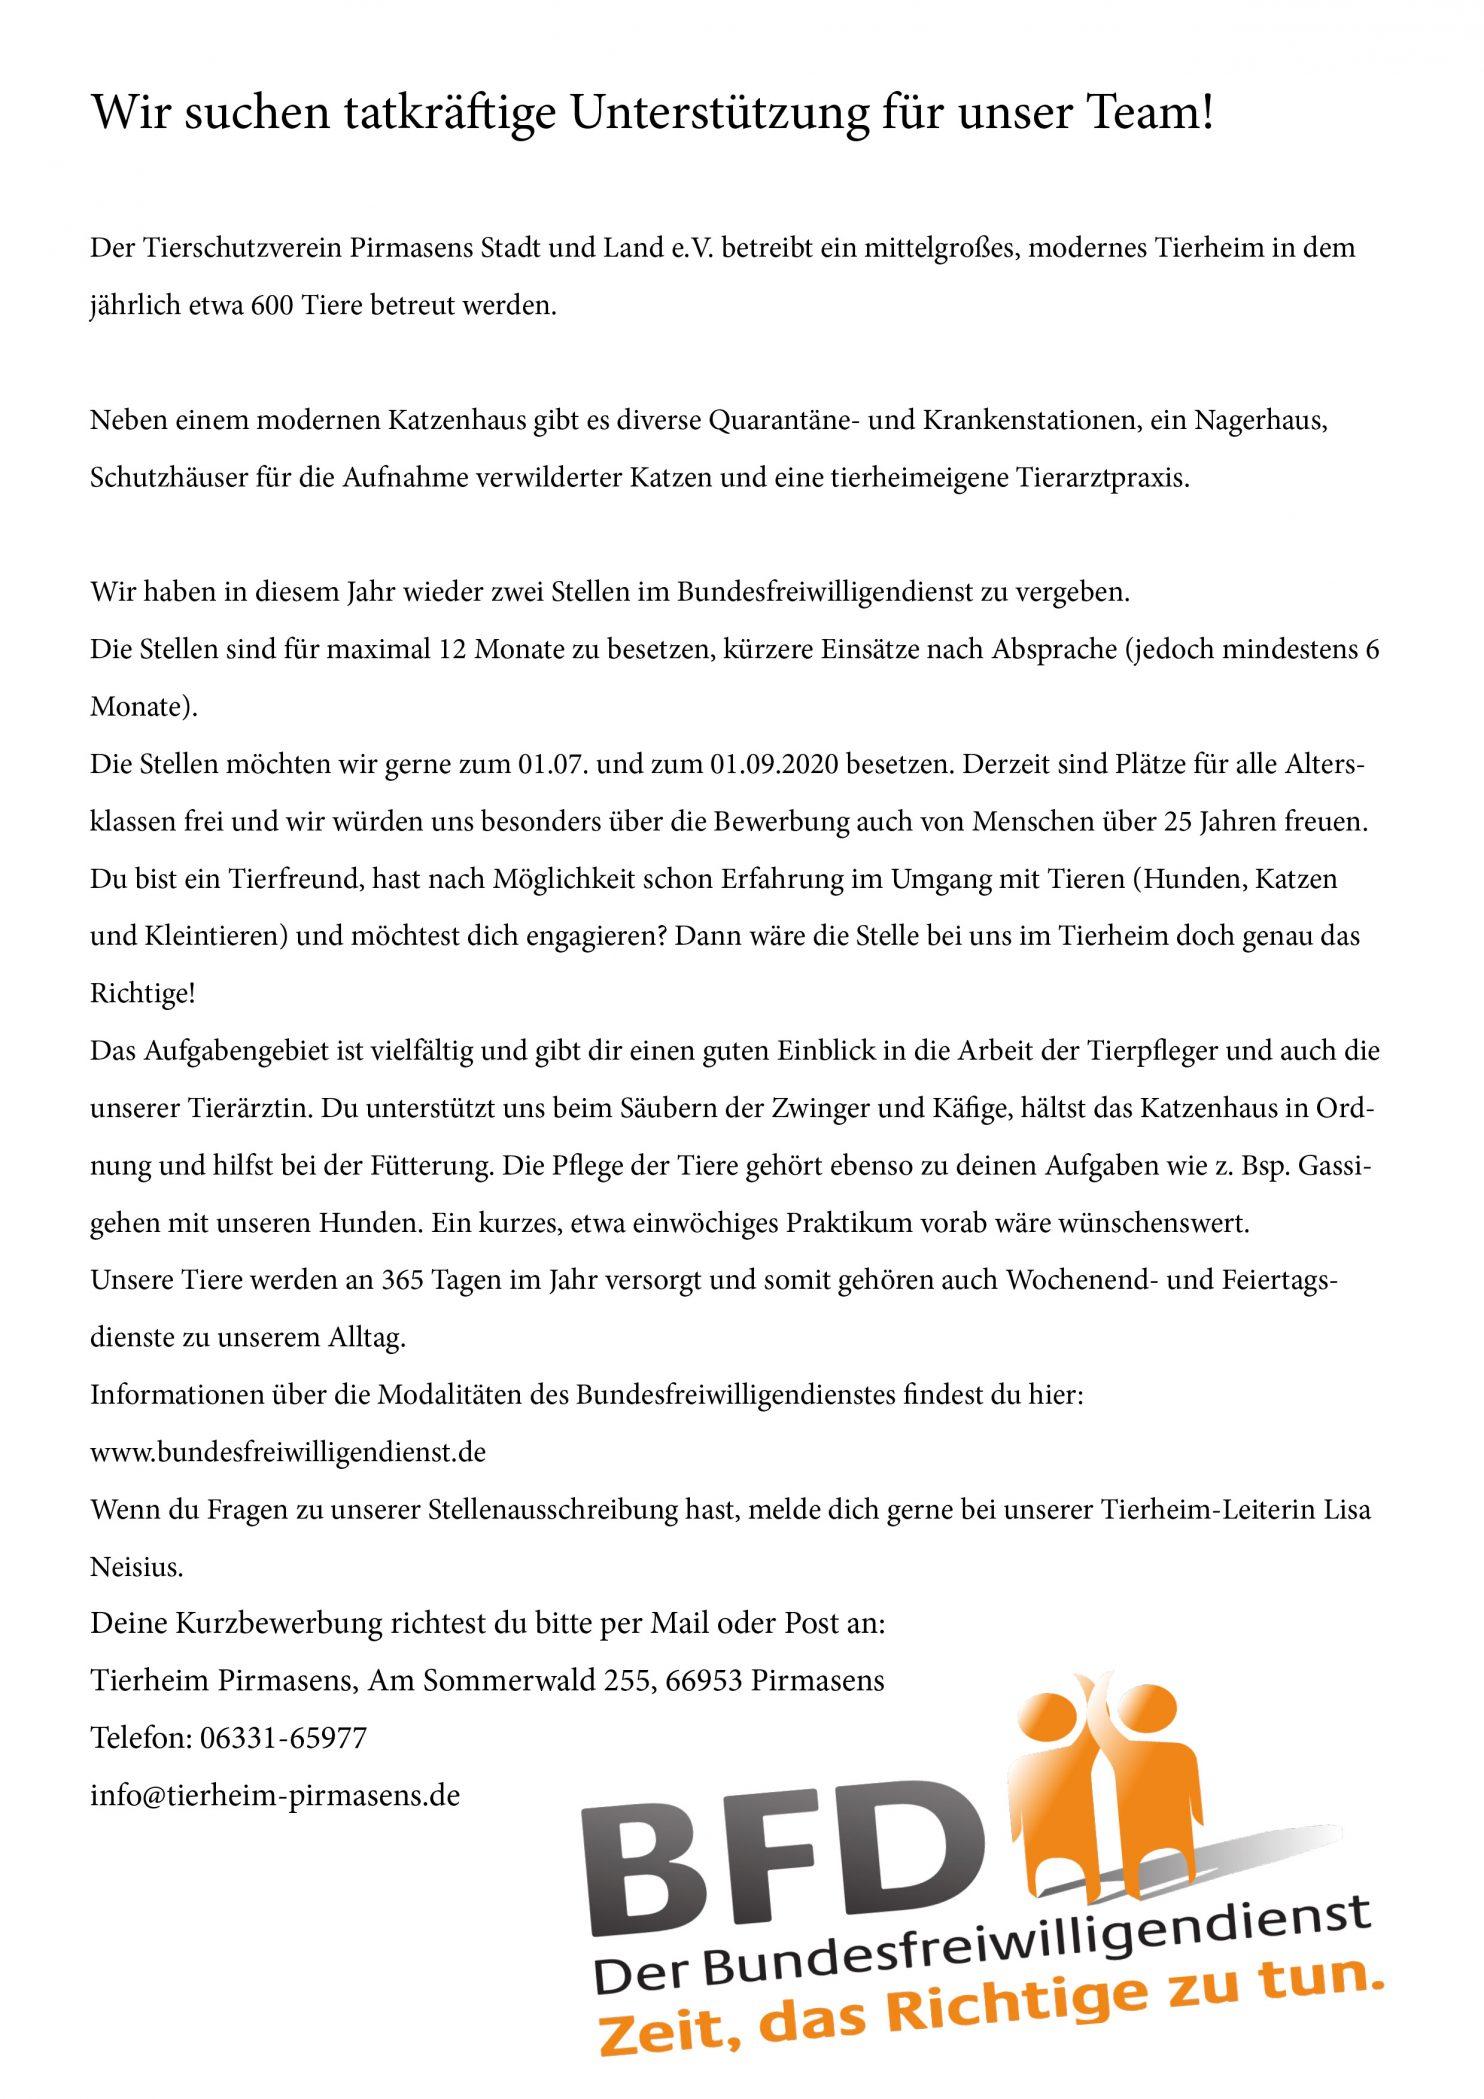 Bundesfreiwilligendienst Tierheim Pirmasens